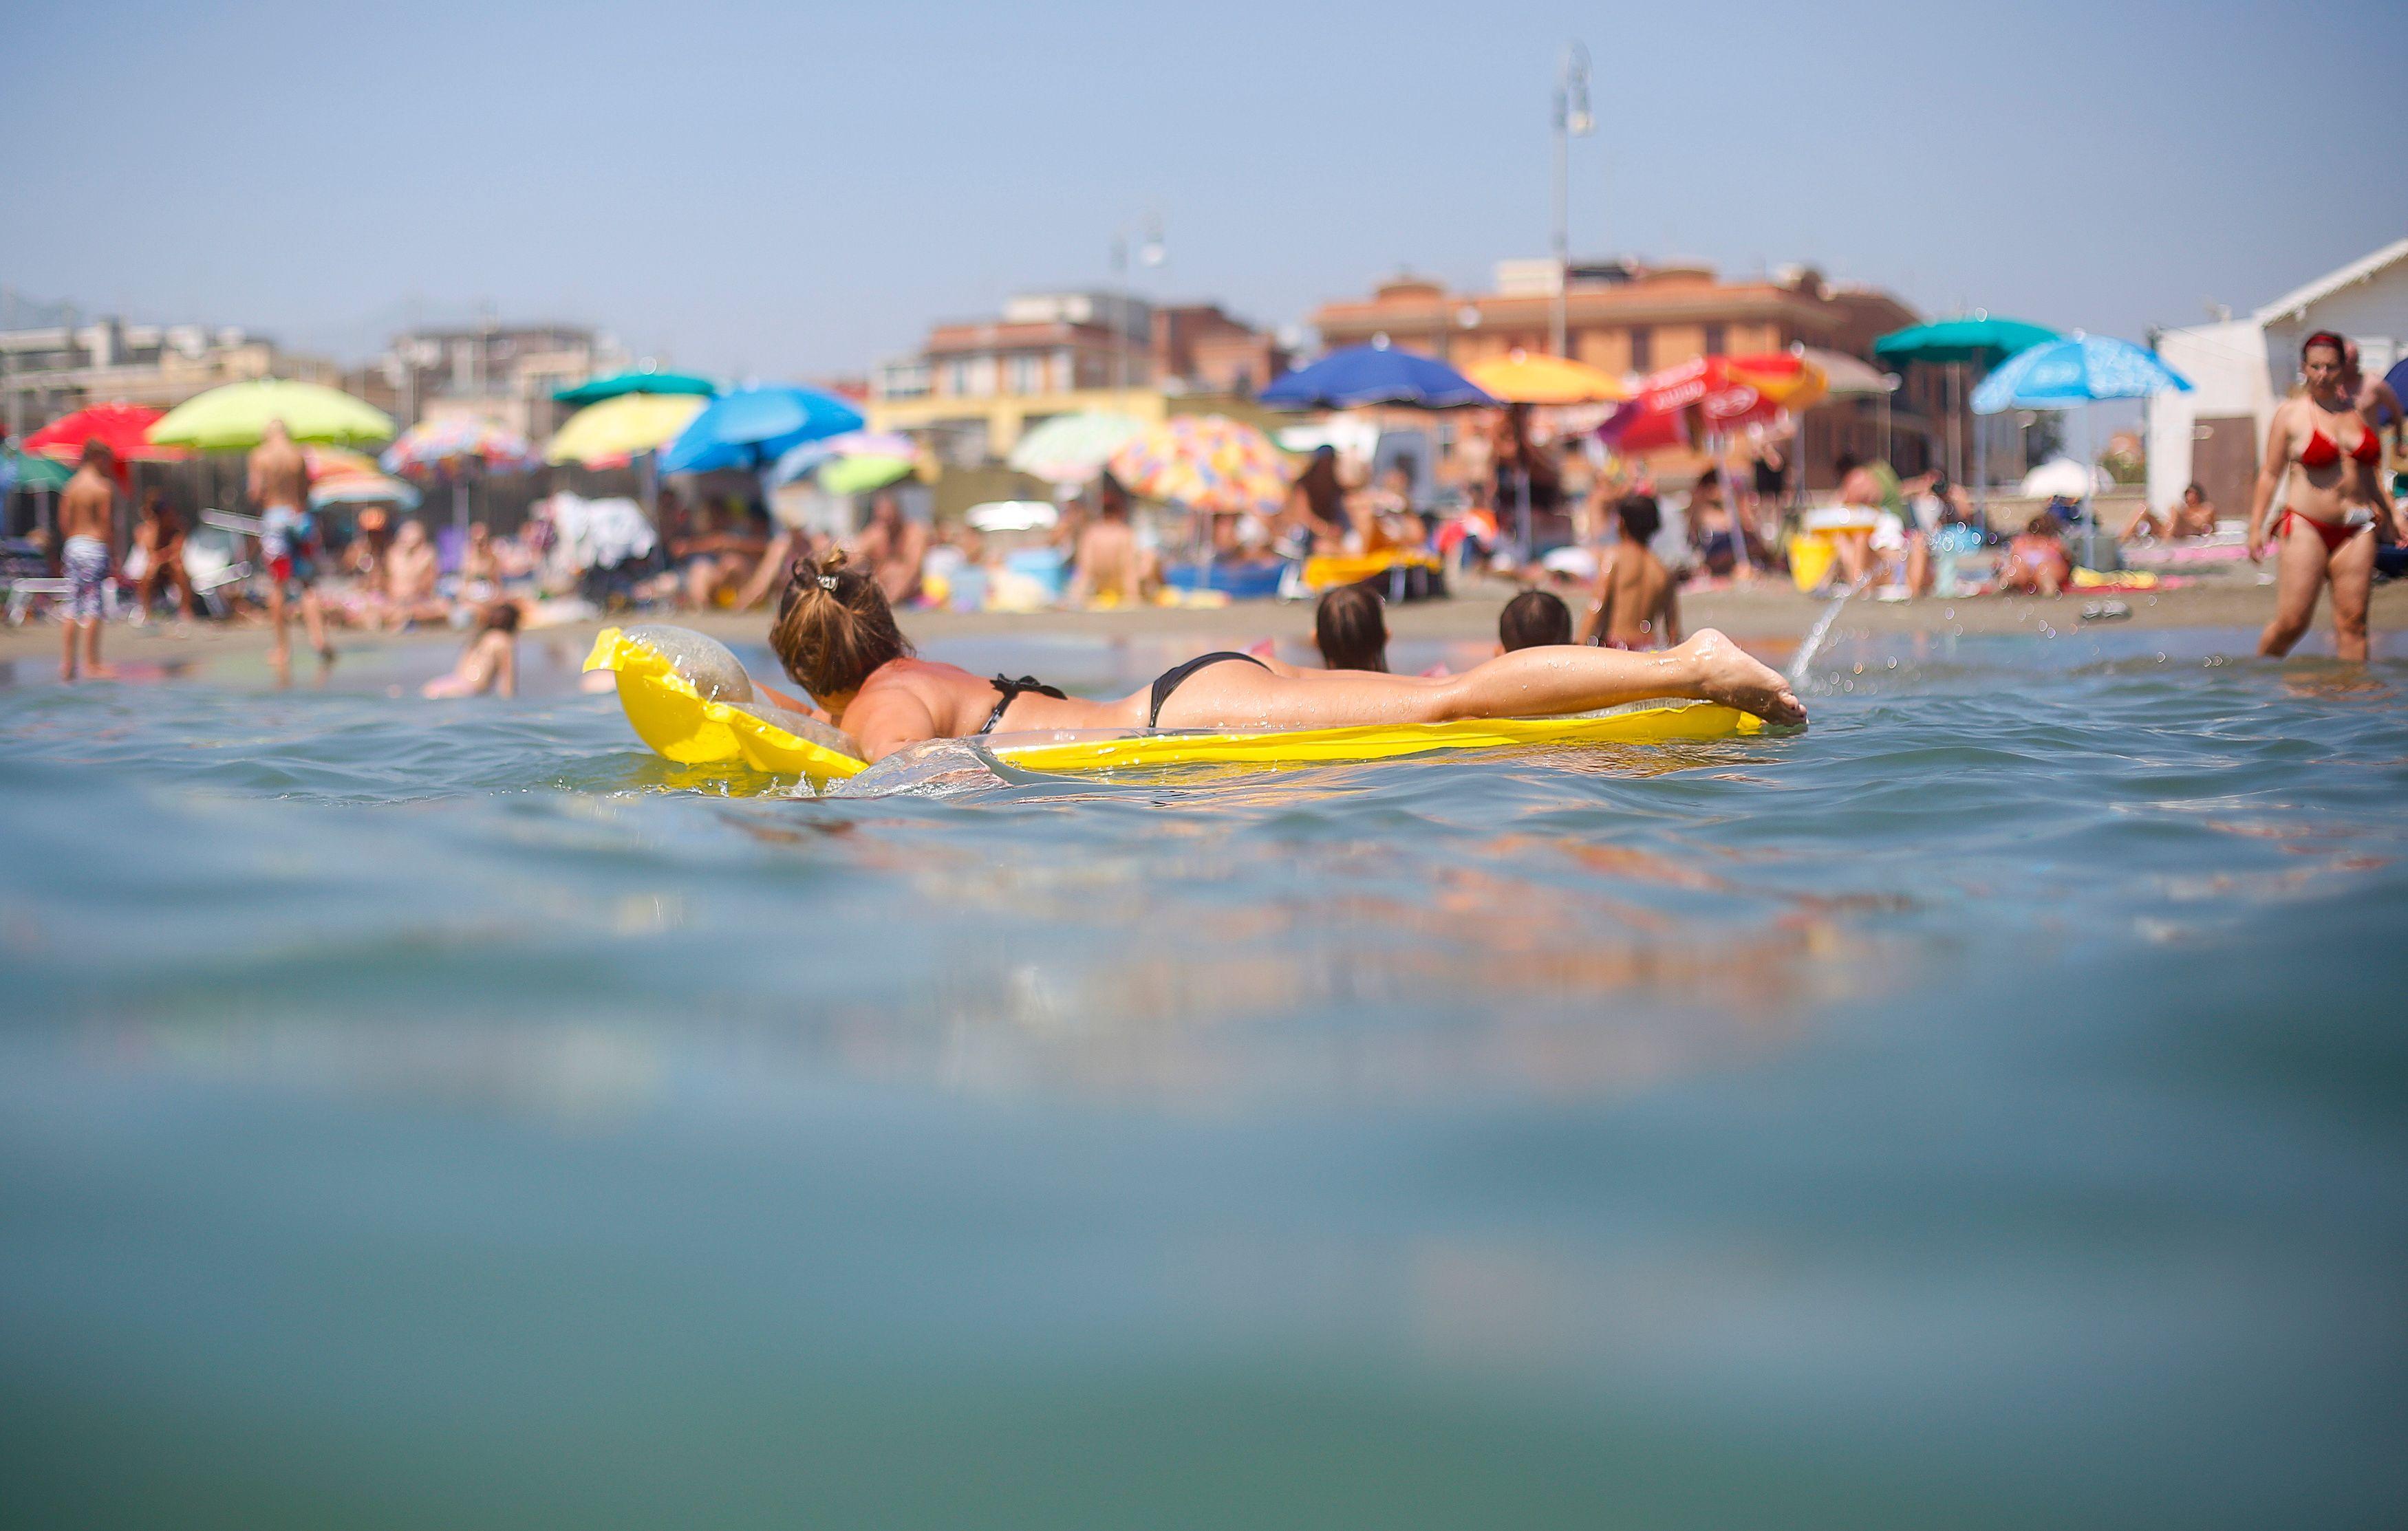 Les Français préfèrent passer leurs vacances à la mer qu'à la montagne.